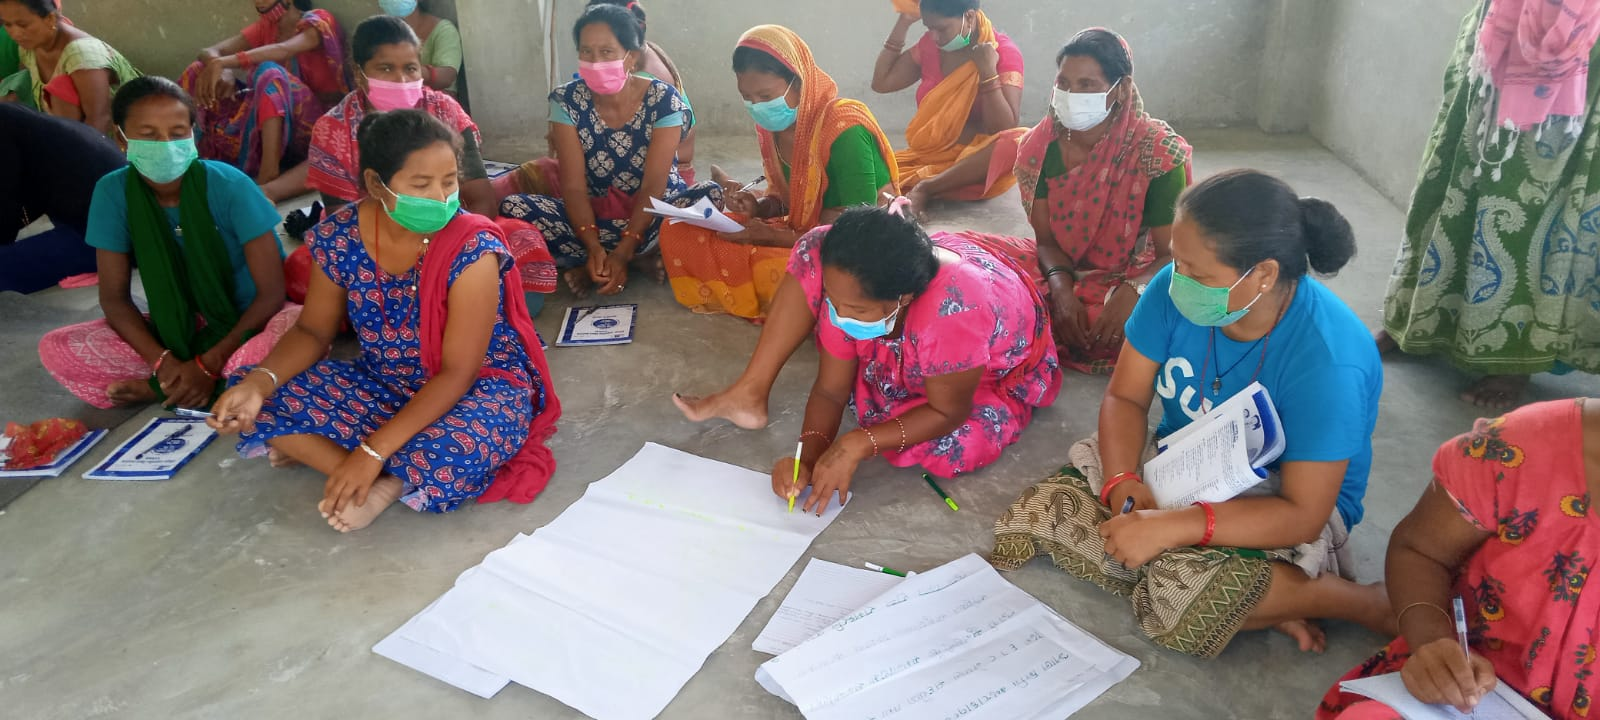 Group management training